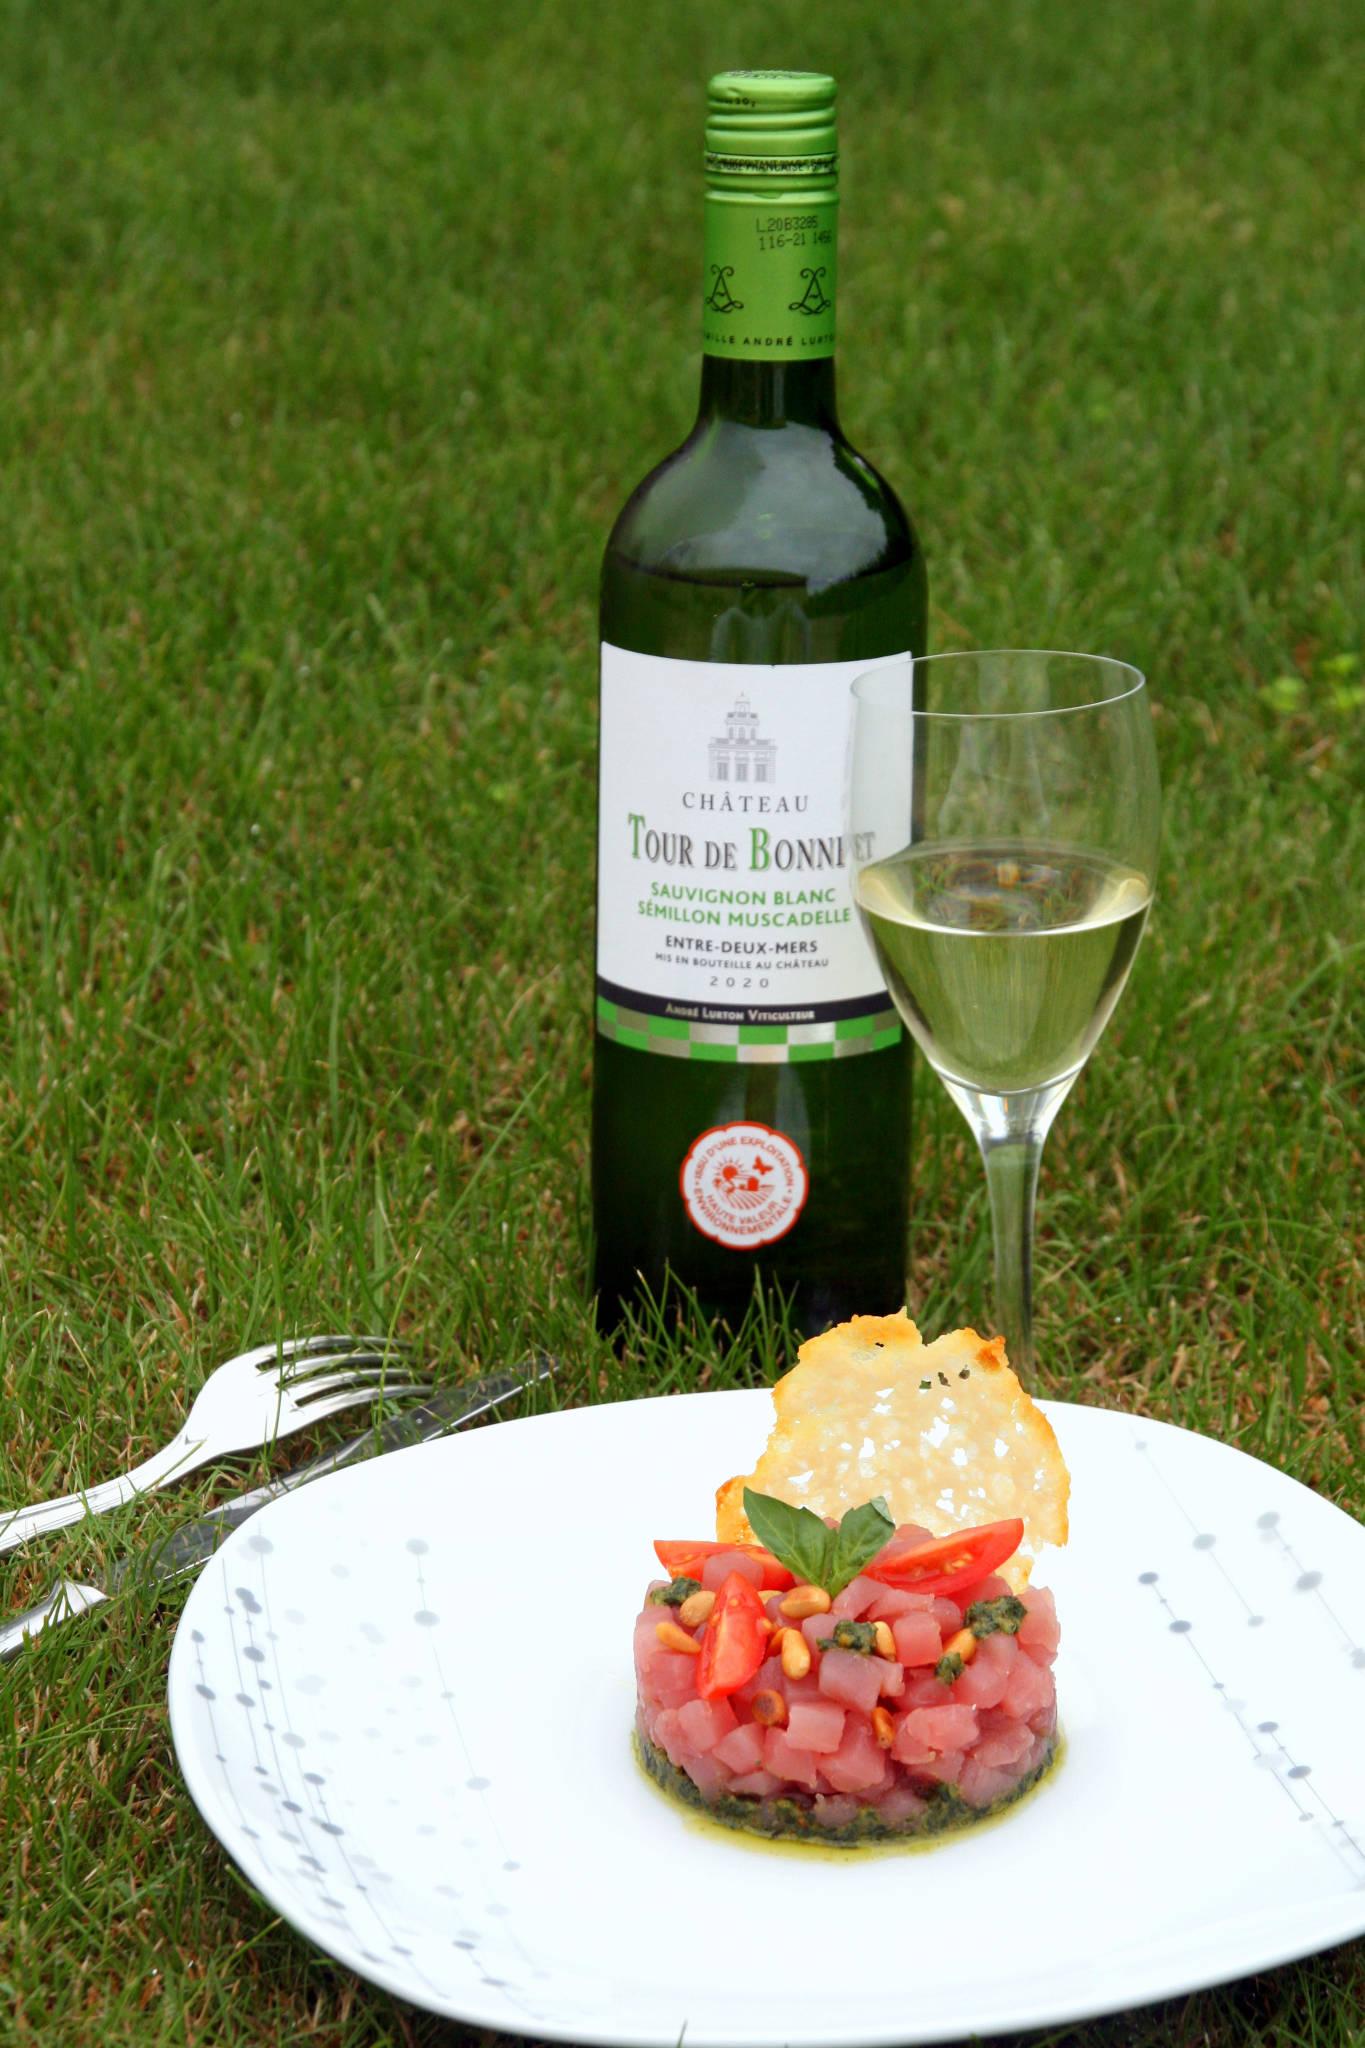 Tartare de thon à l'italienne, pesto maison, tuile de parmesan, Château Tour de Bonnet blanc 2020